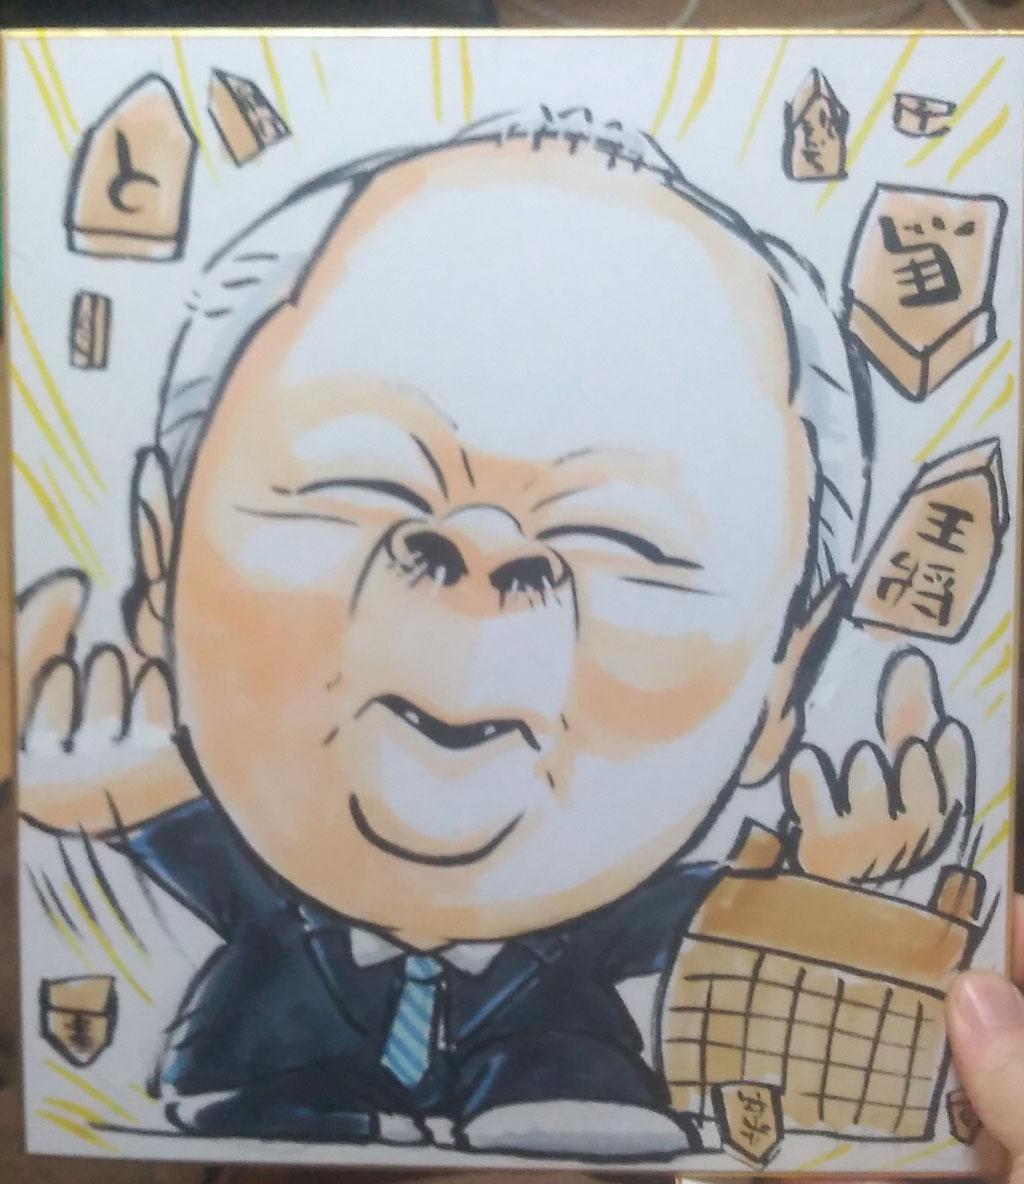 似顔絵 洋一丸 笑顔屋 イベント 出張 大阪 関西 加藤一二三